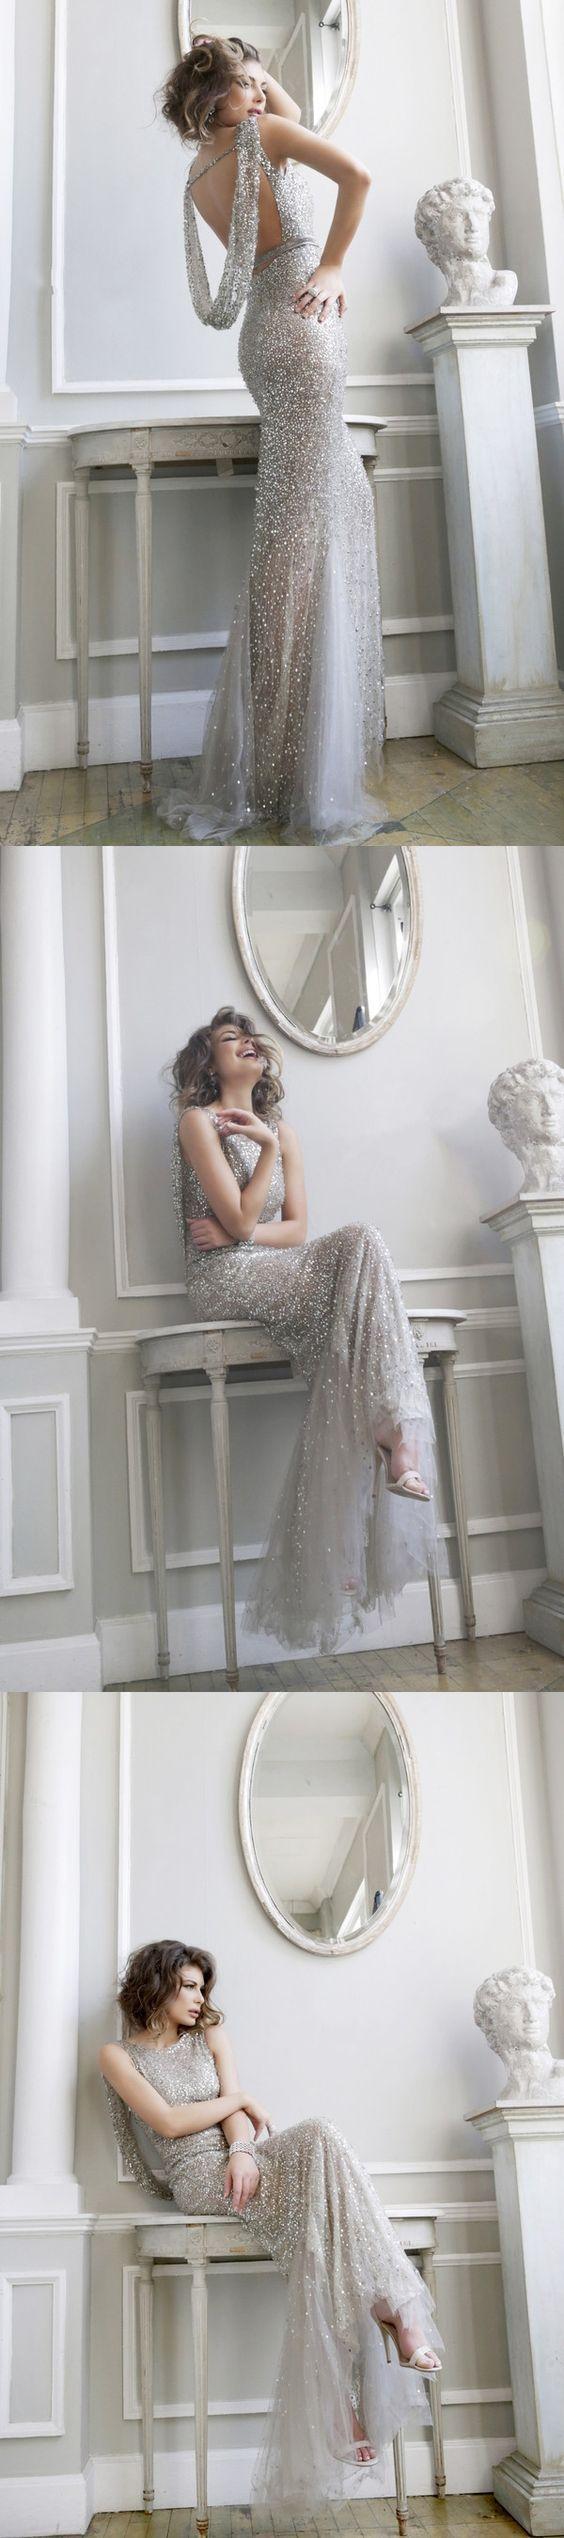 Shinning Open Back Mermaid Tulle Sequin Cheap Long Prom Dresses, WG1037 #promdress #promdresses